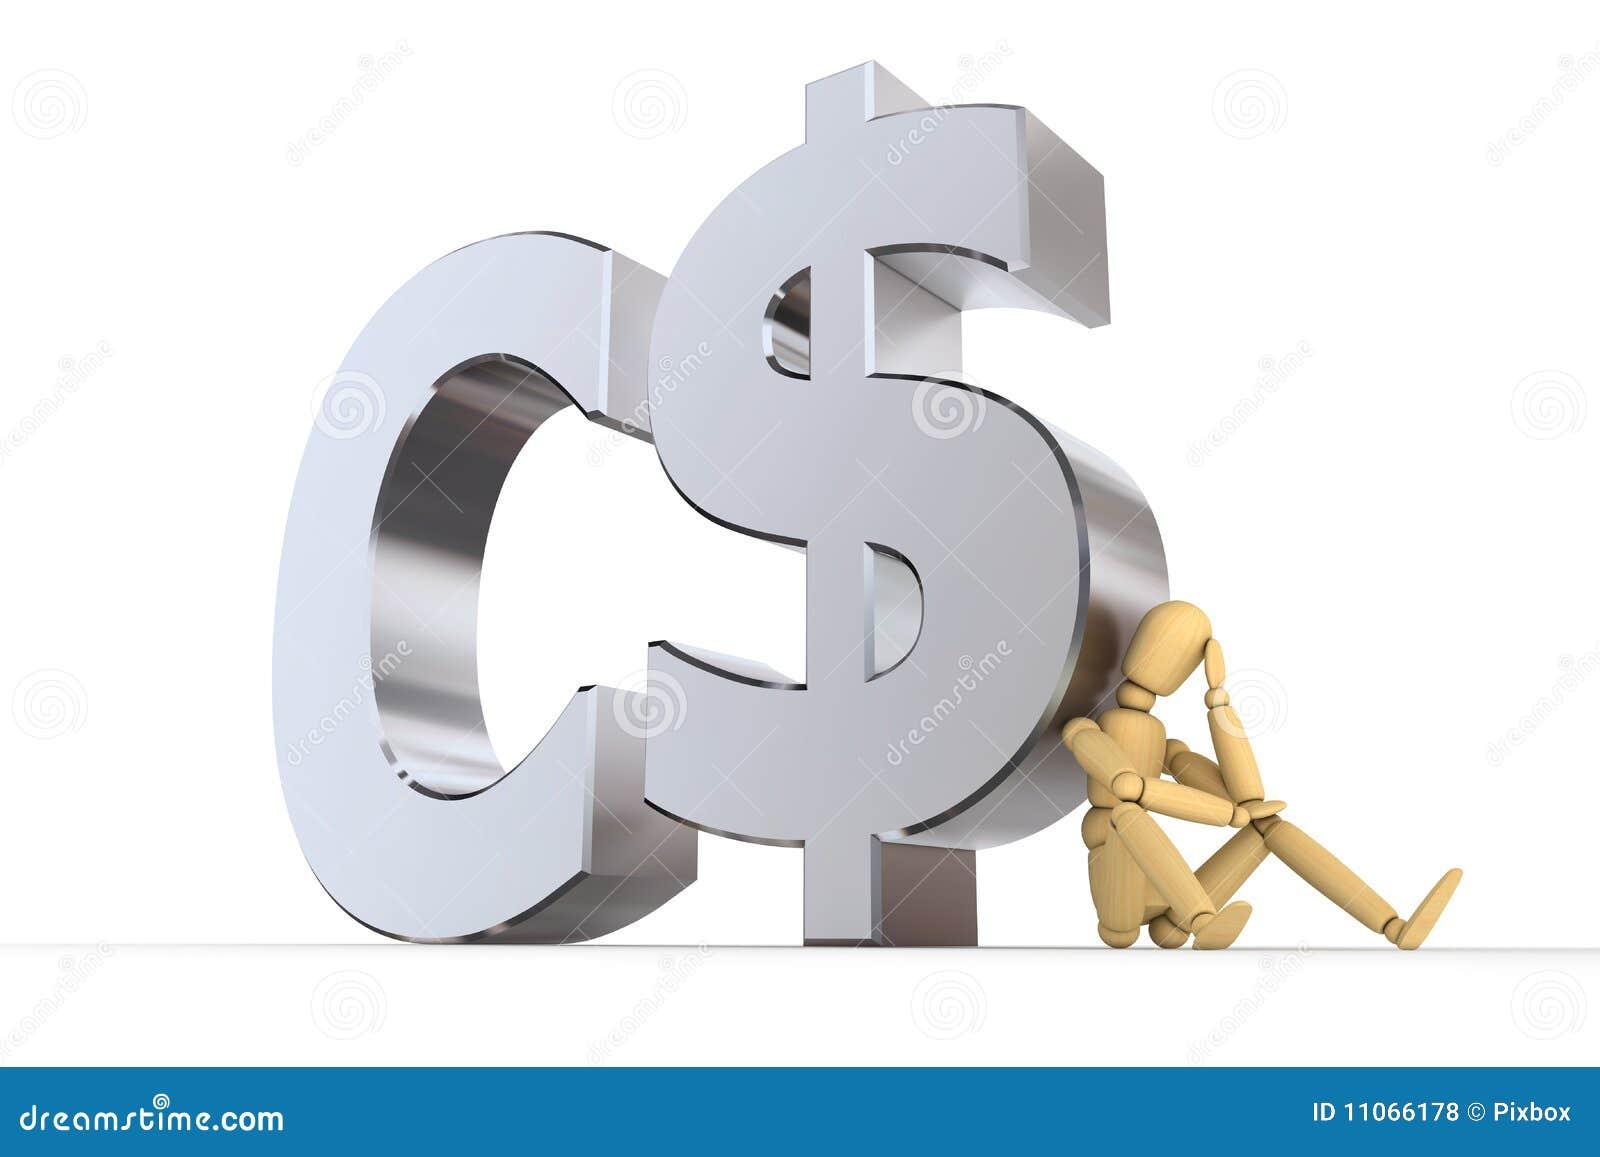 Doll At Canadian Dollar Symbol Stock Illustration Illustration Of